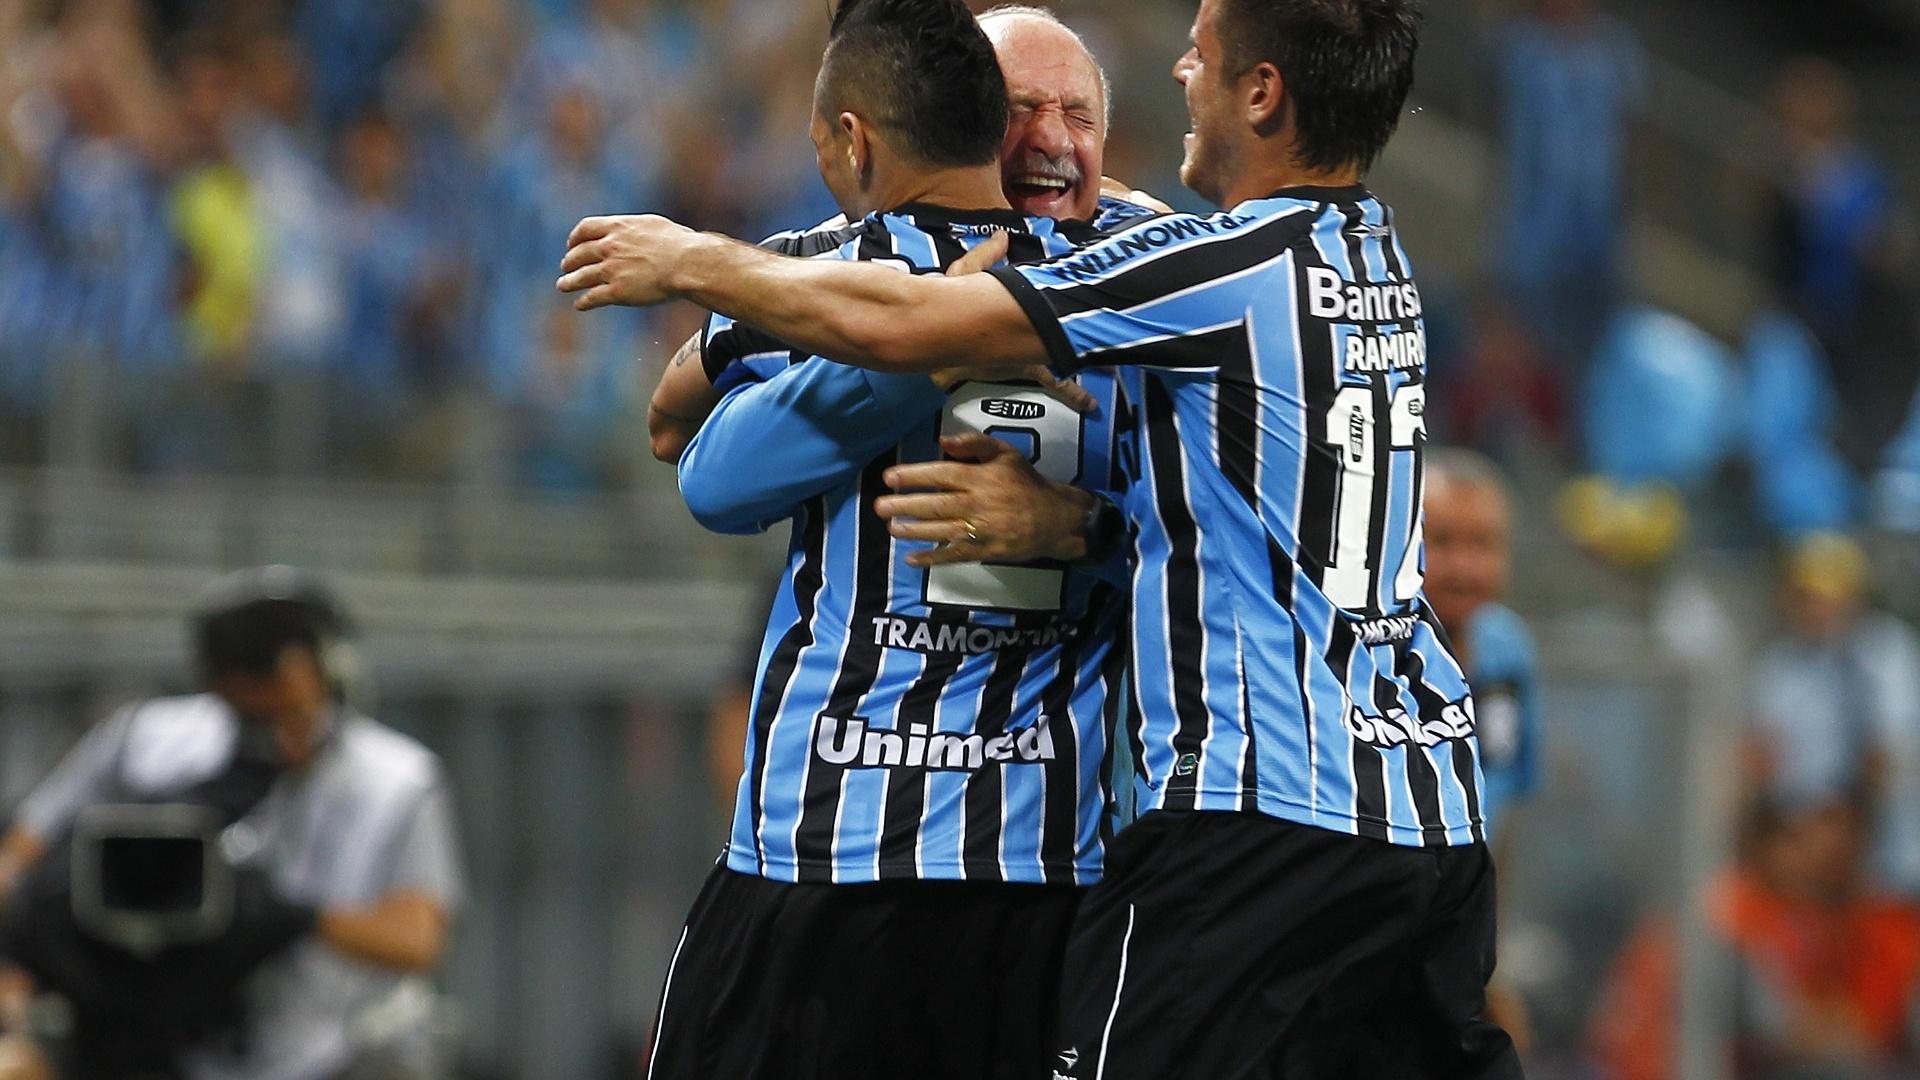 Pará e Felipão se abraçam após gol contra de Richarlyson no jogo entre Grêmio e Vitória